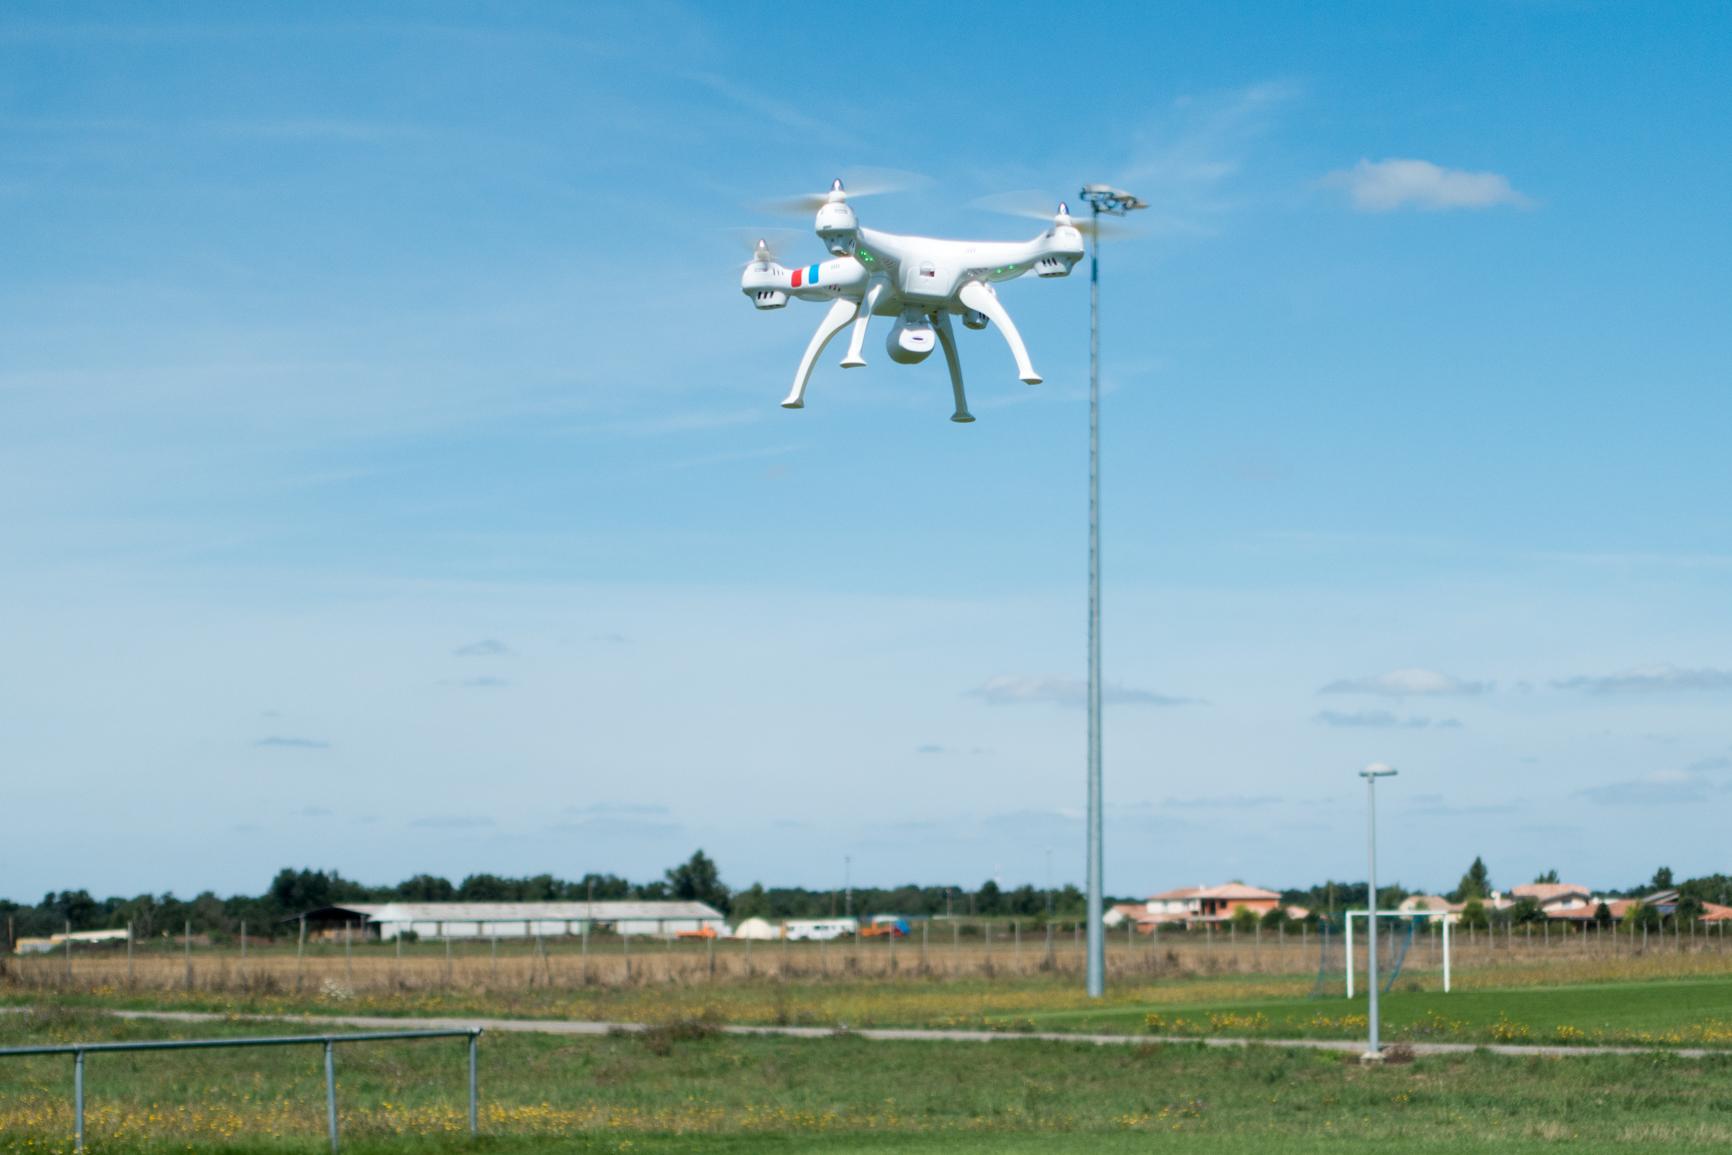 Syma X8C, quadcopter parfait pour débuter